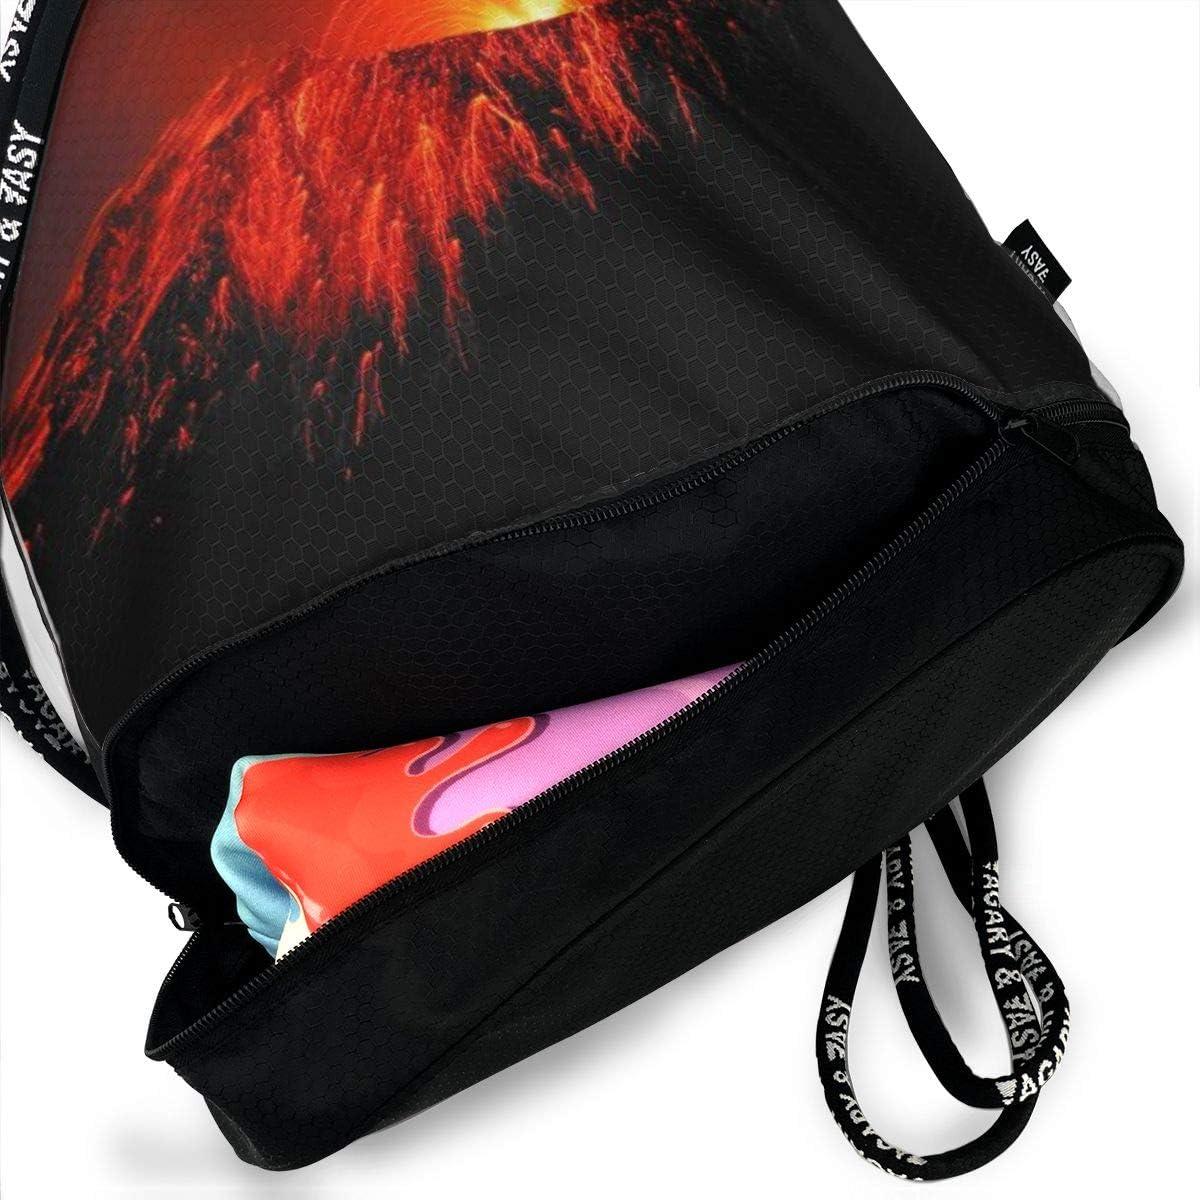 GymSack Drawstring Bag Sackpack Volcano Eruption Sport Cinch Pack Simple Bundle Pocke Backpack For Men Women